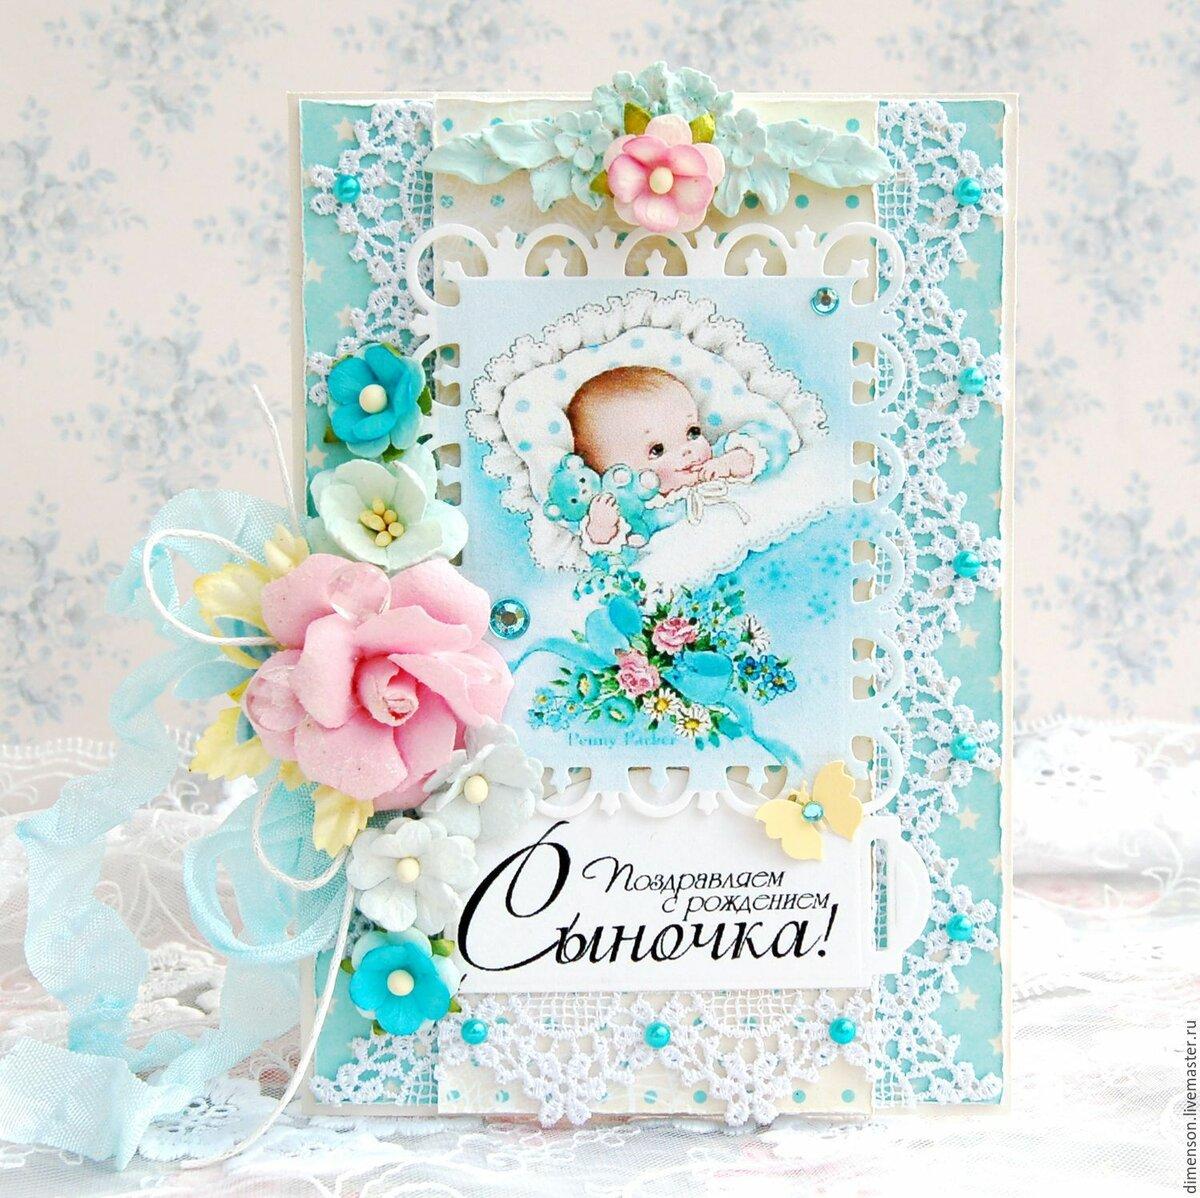 Новорожденному видео открытка